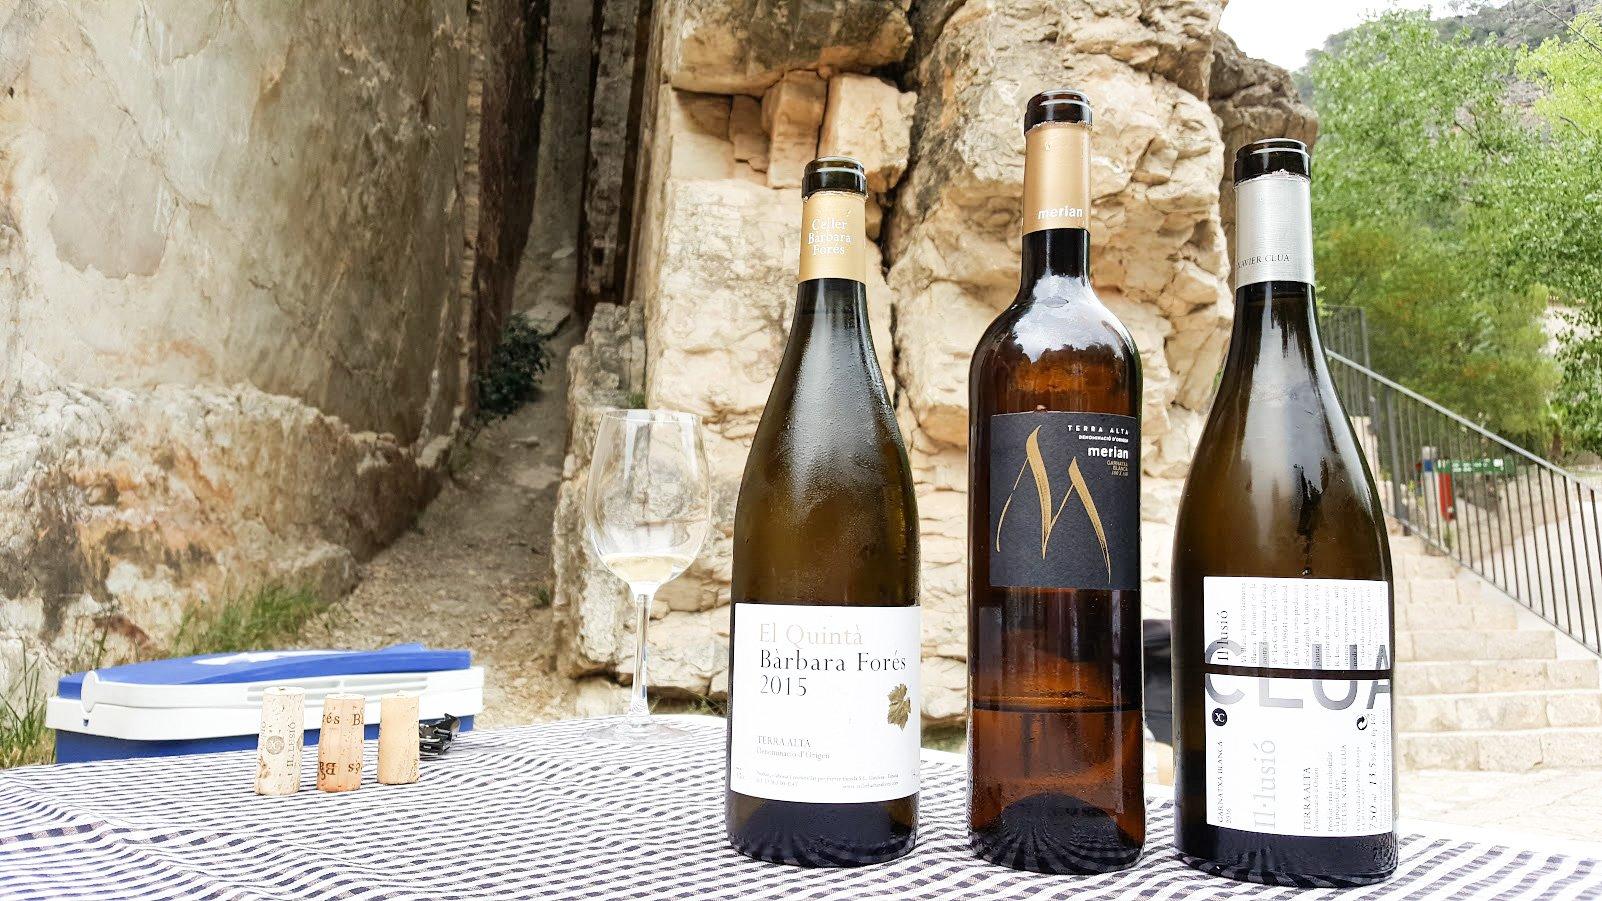 barcelona katalonia pyöräretki päiväretki viinimatka